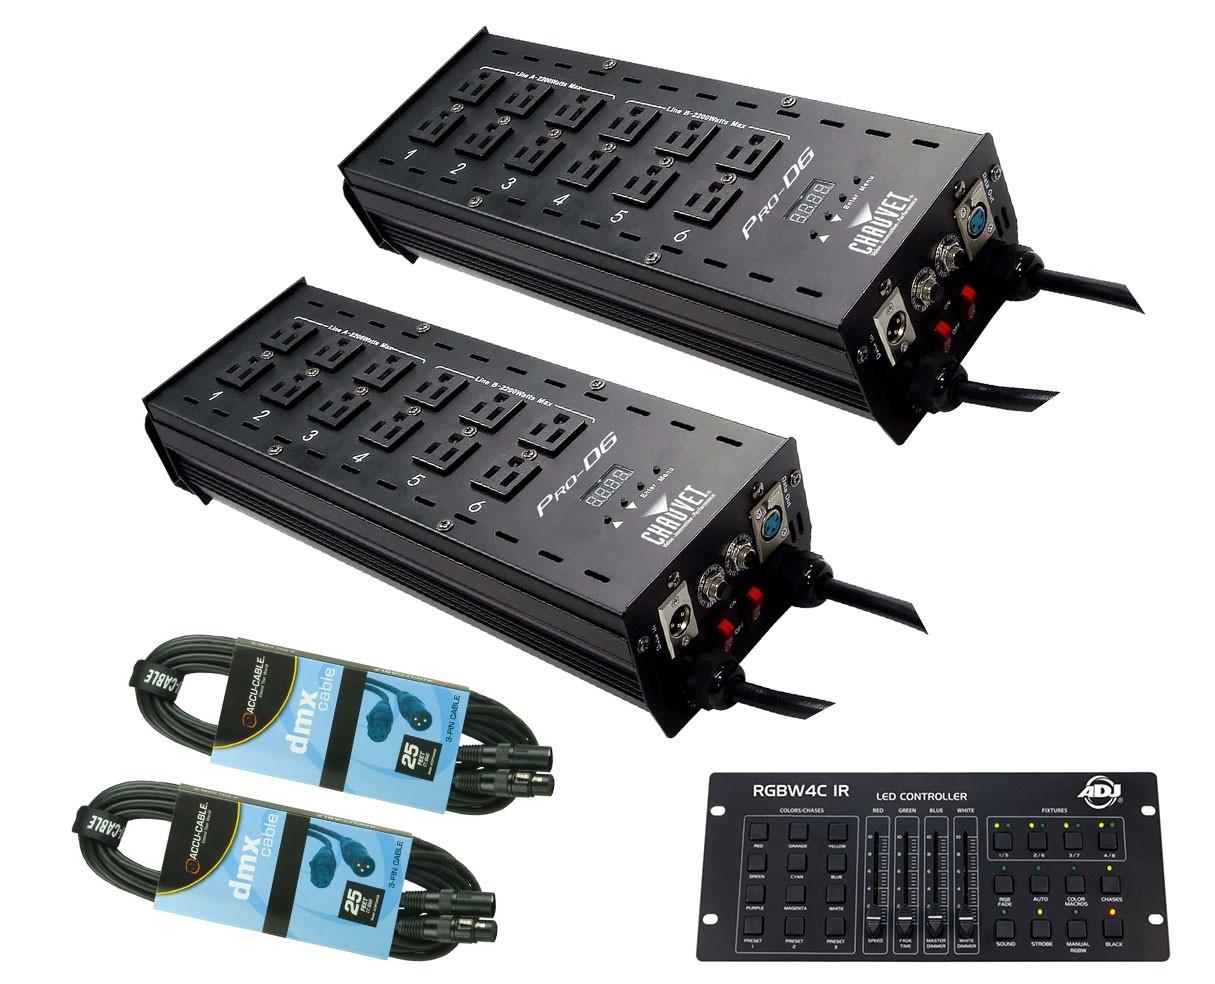 2x Chauvet Pro-D6 + RGBW4C IR + Cables